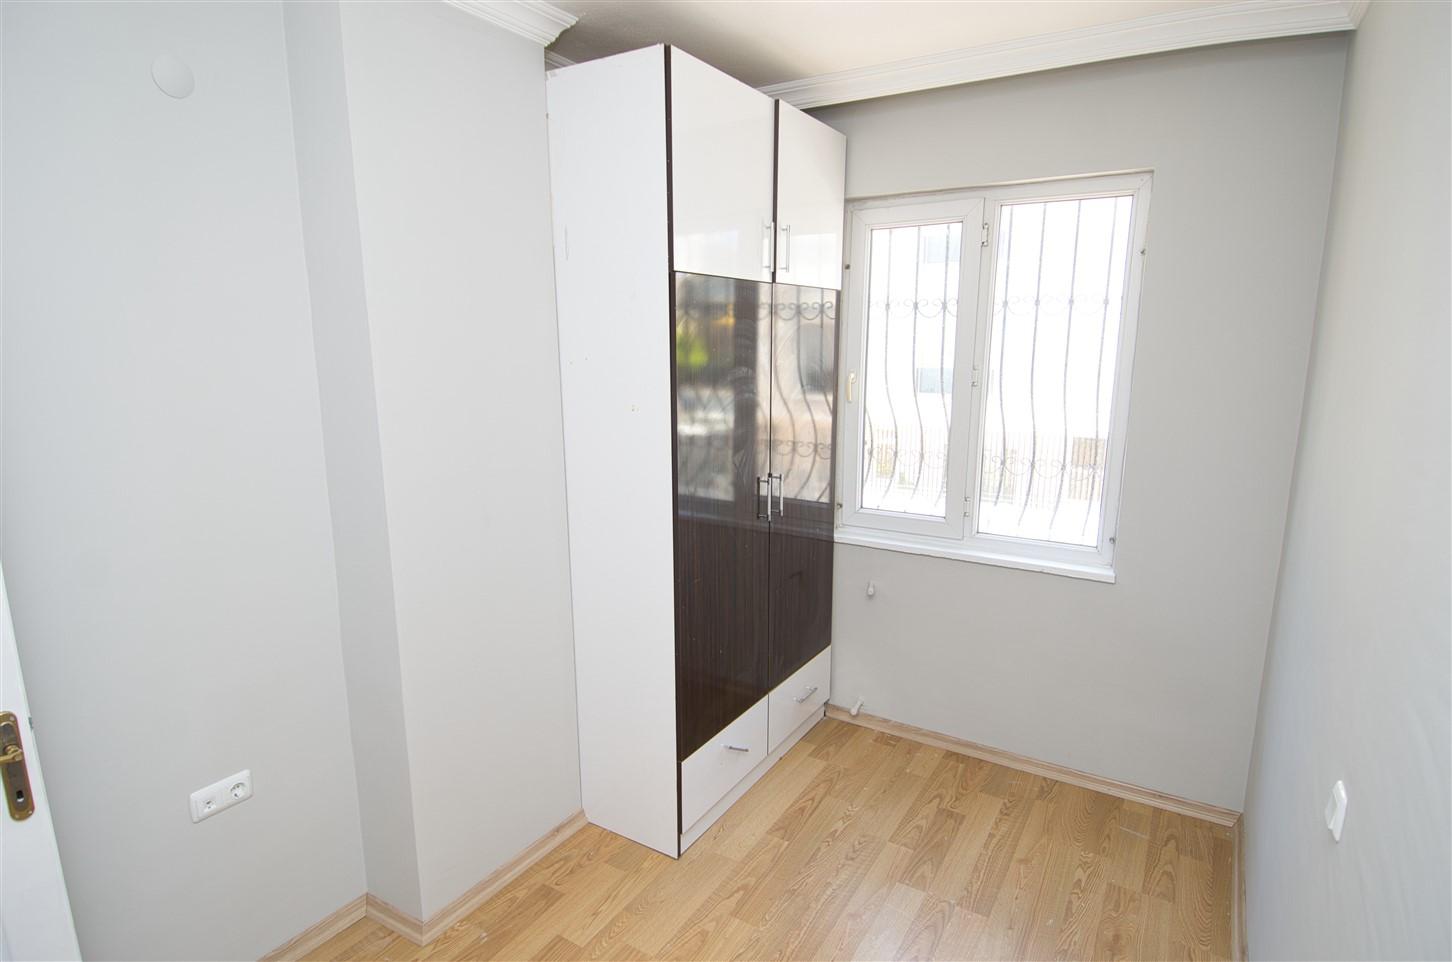 Трёхкомнатная квартира в центре Антальи по очень привлекательной цене - Фото 5